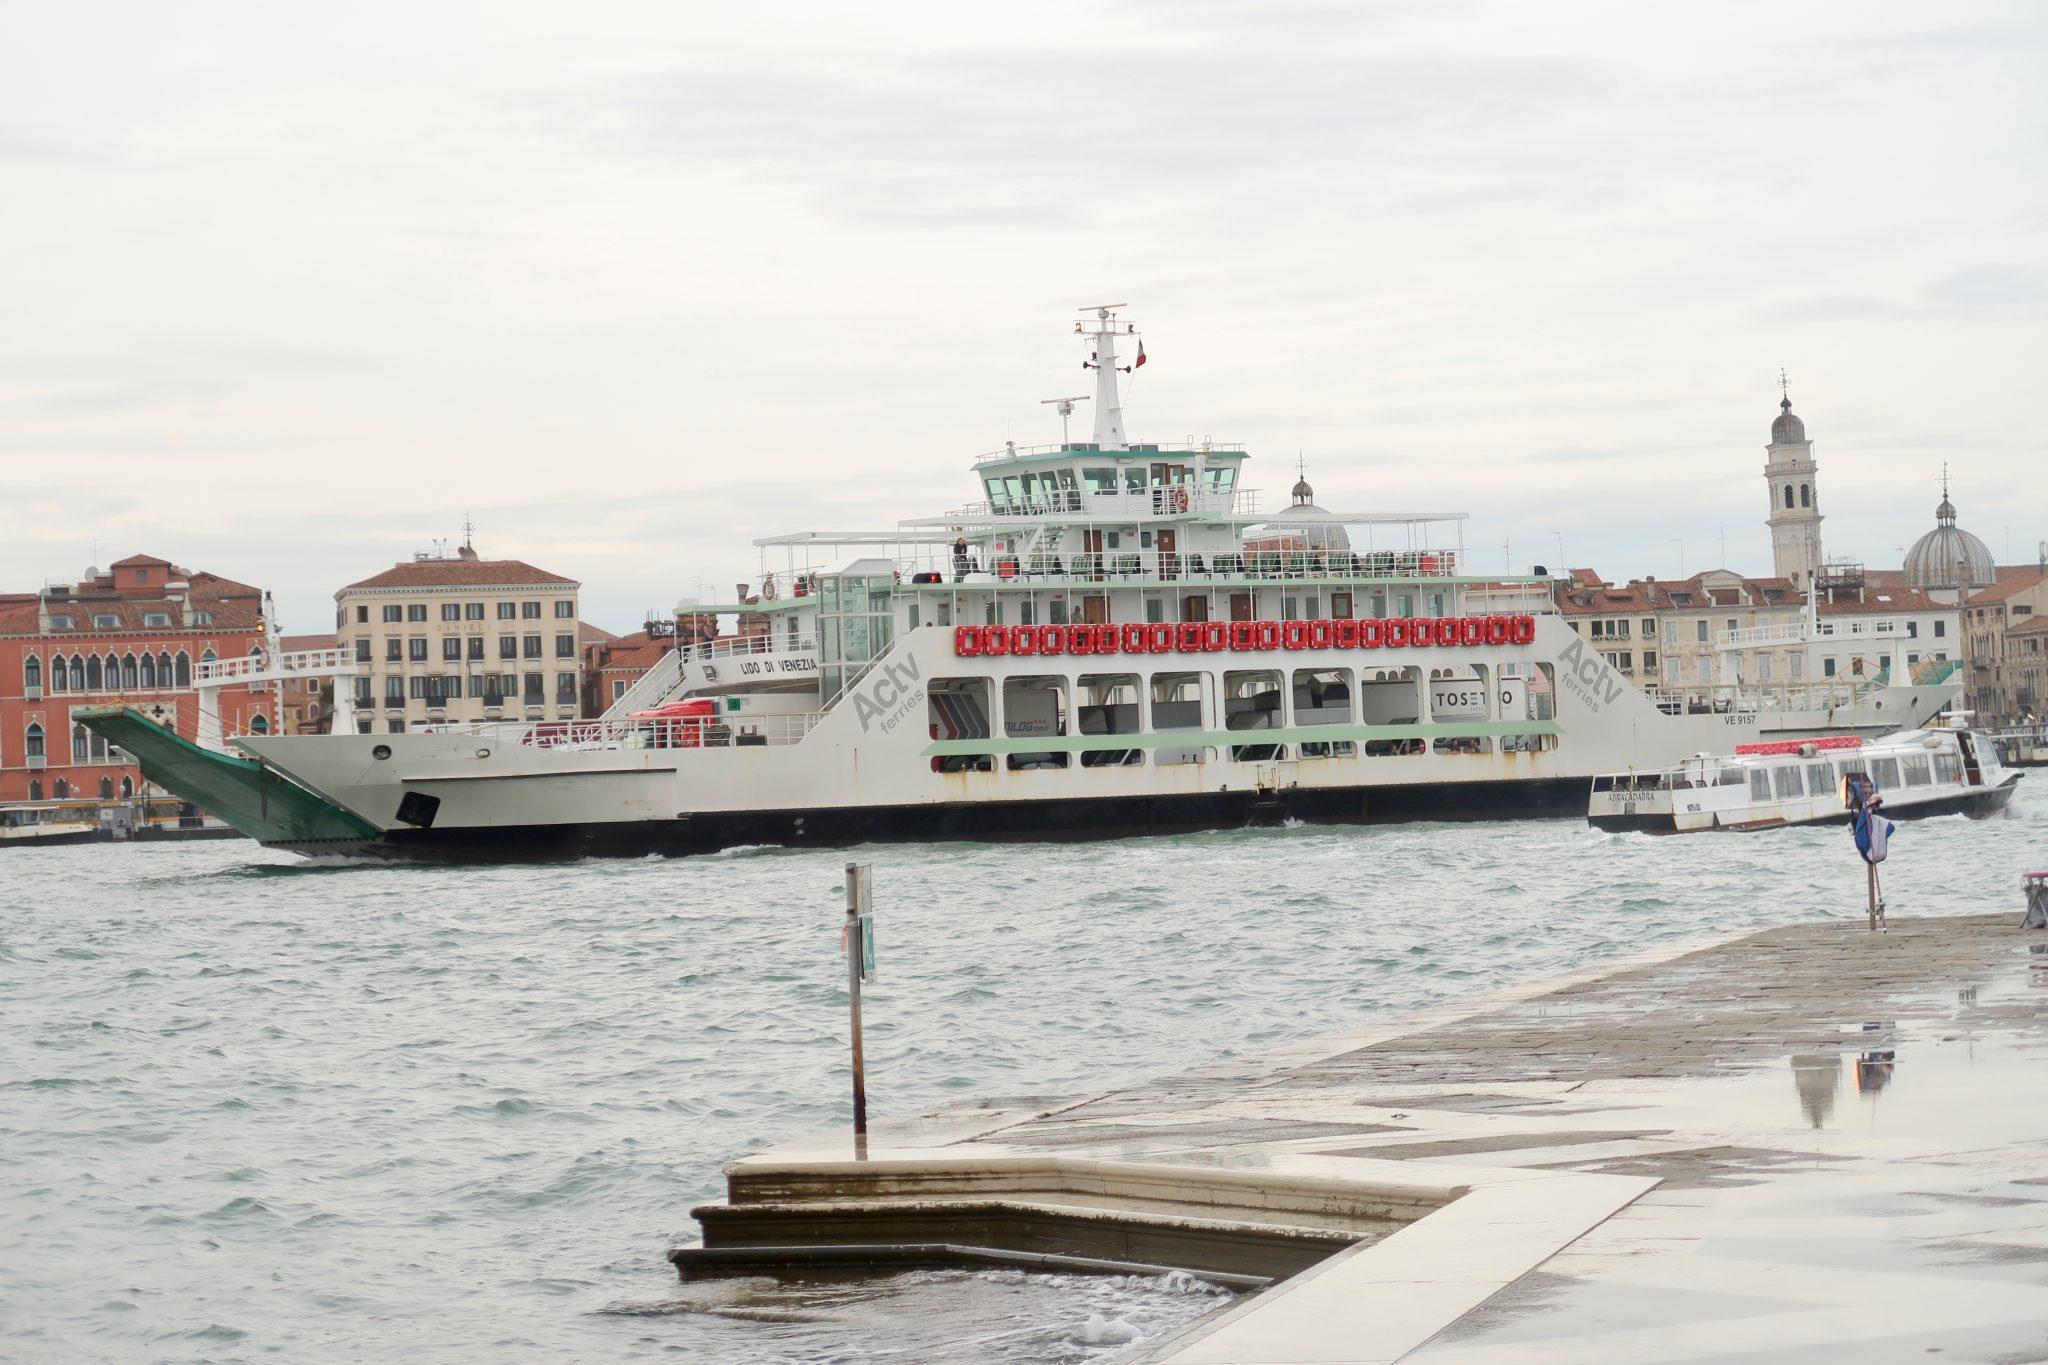 Venedig: Fähren, wirkt das Boot daneben nicht winzig?